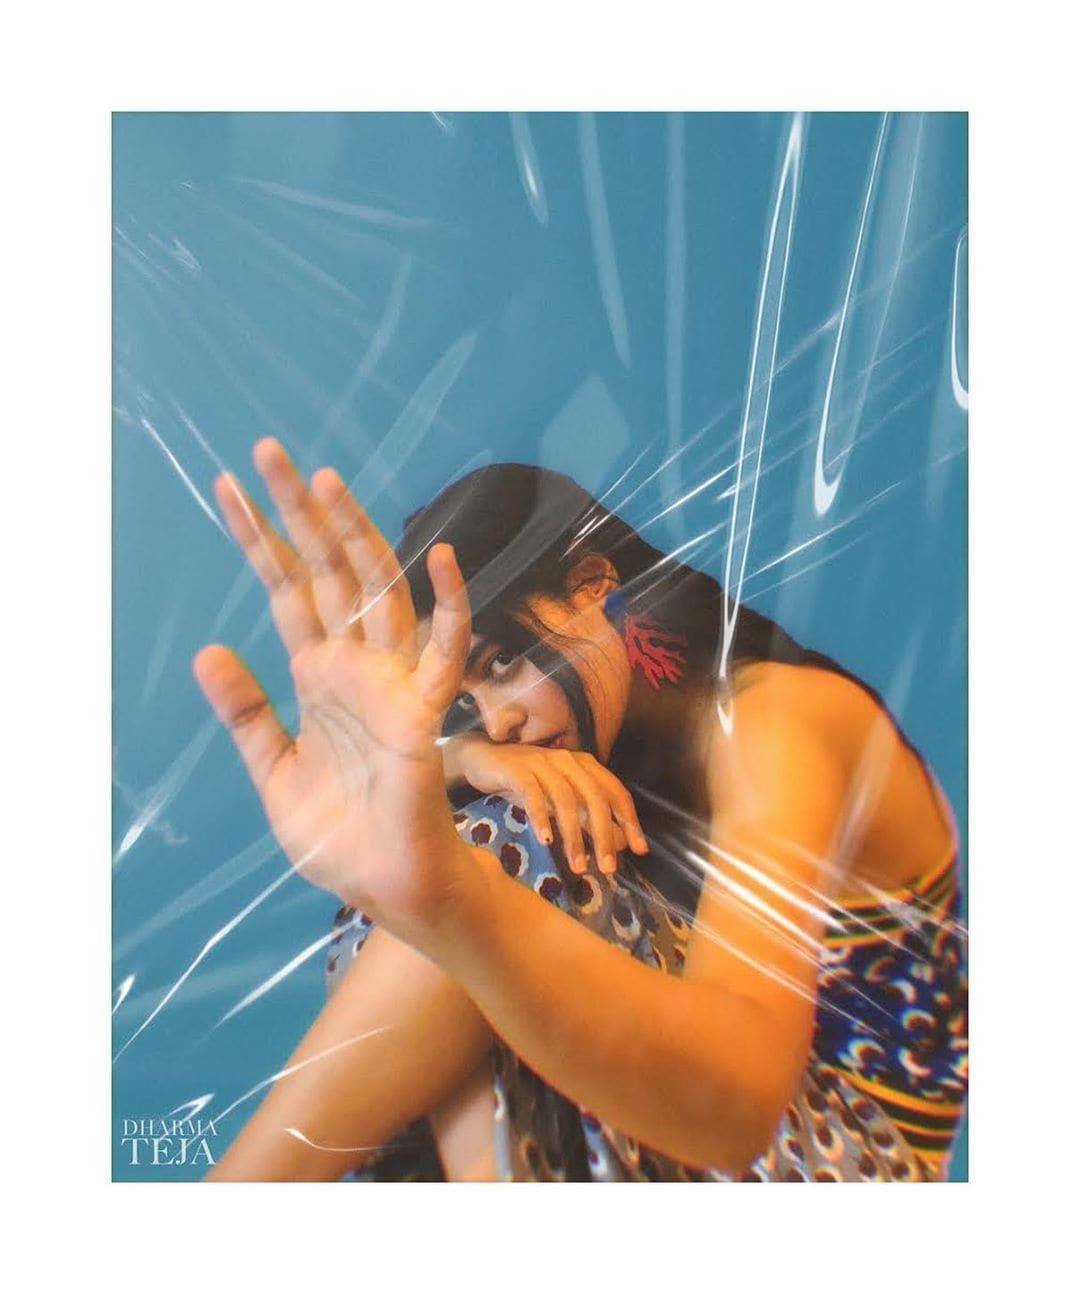 நடிகை பிந்து மாதவி